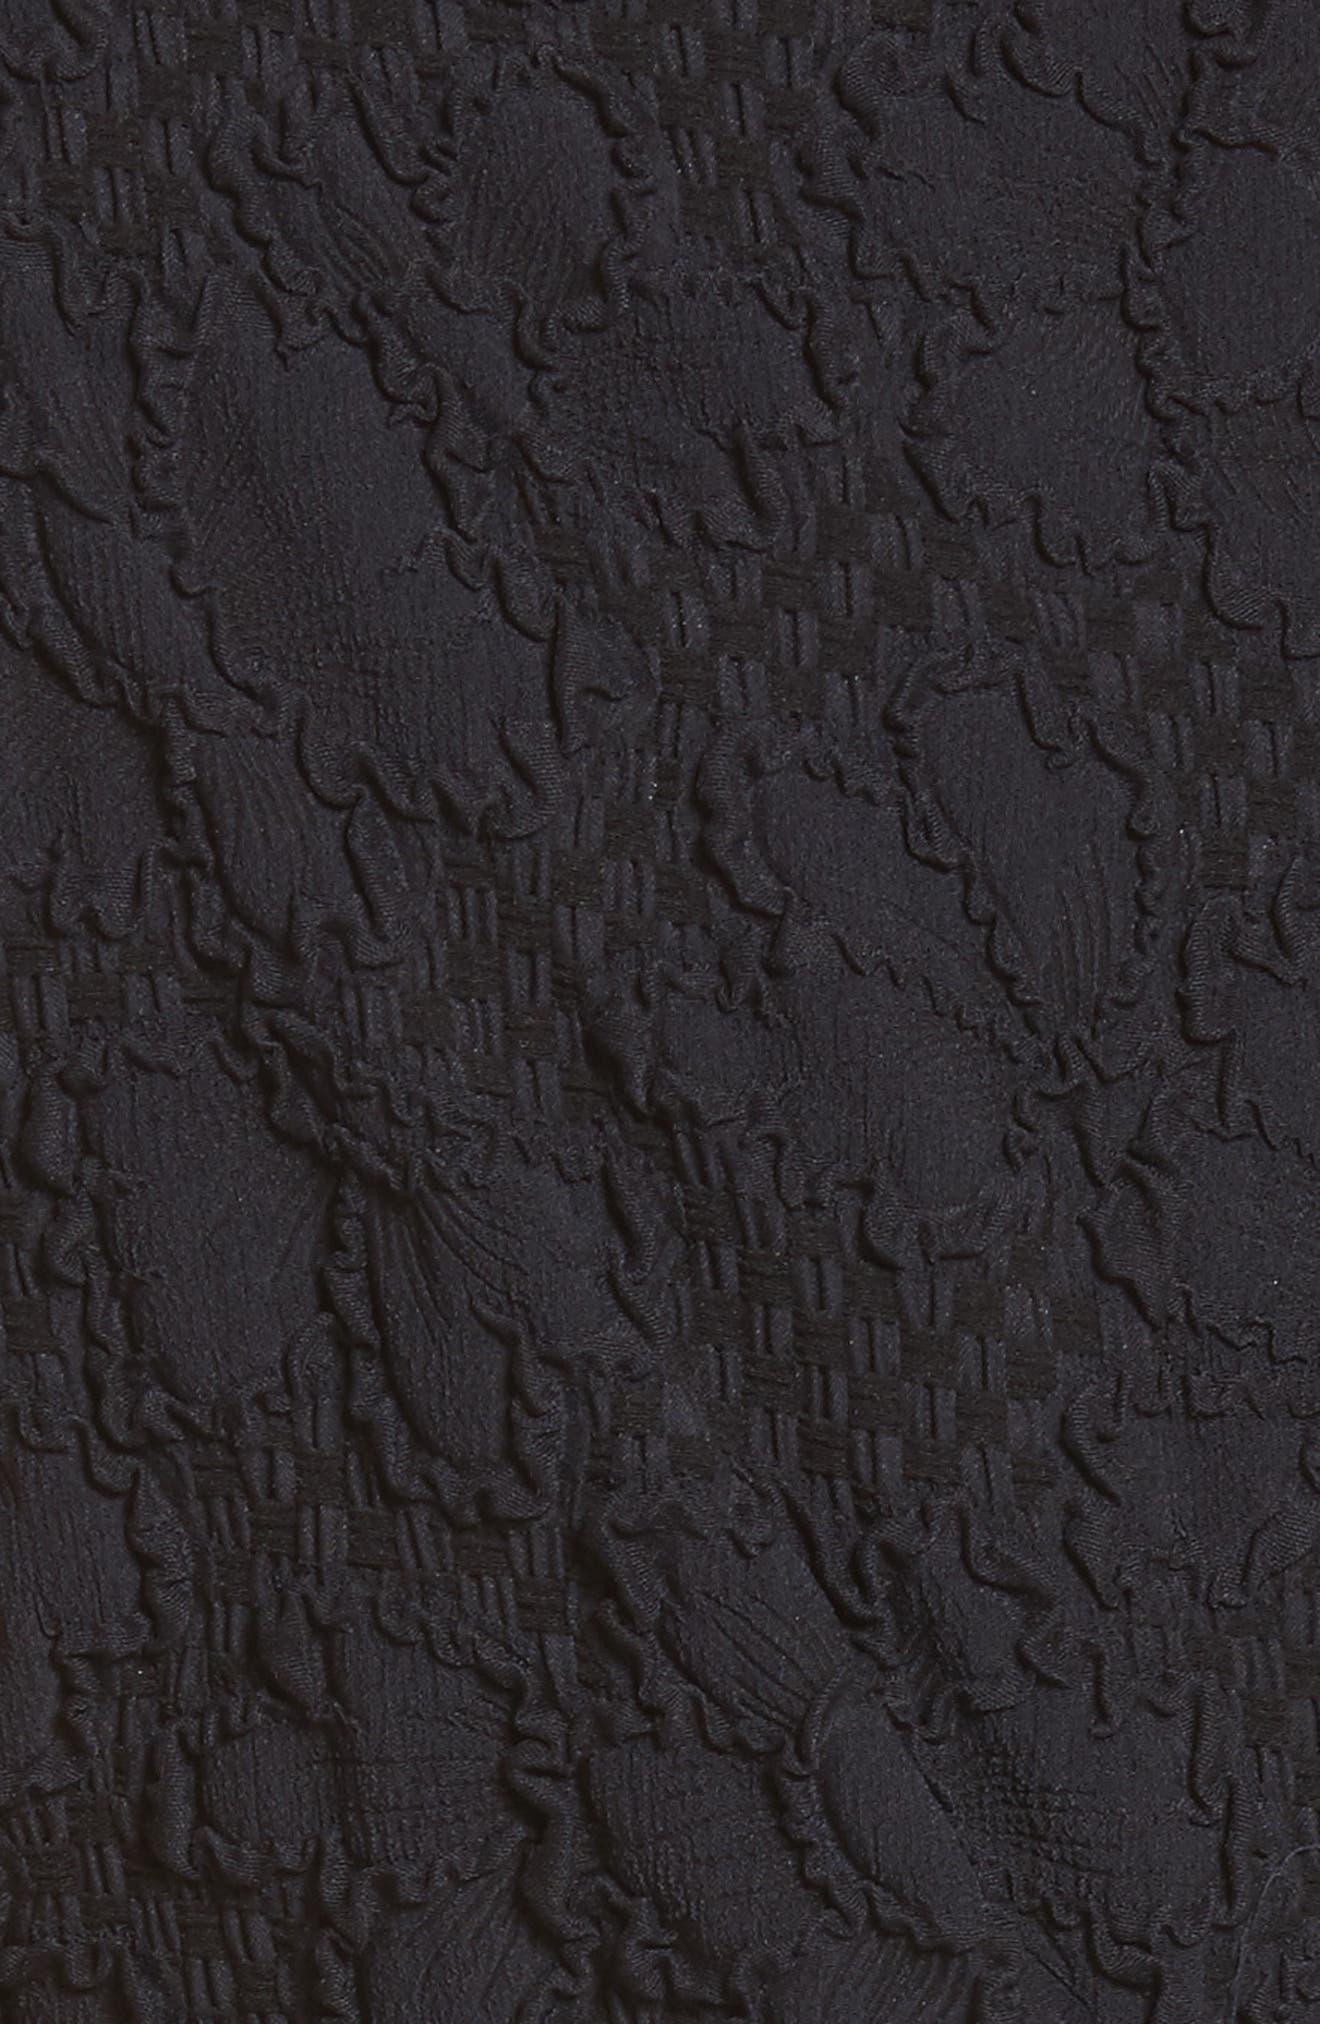 Medina Floral Jacquard Sheath Dress,                             Alternate thumbnail 5, color,                             Black